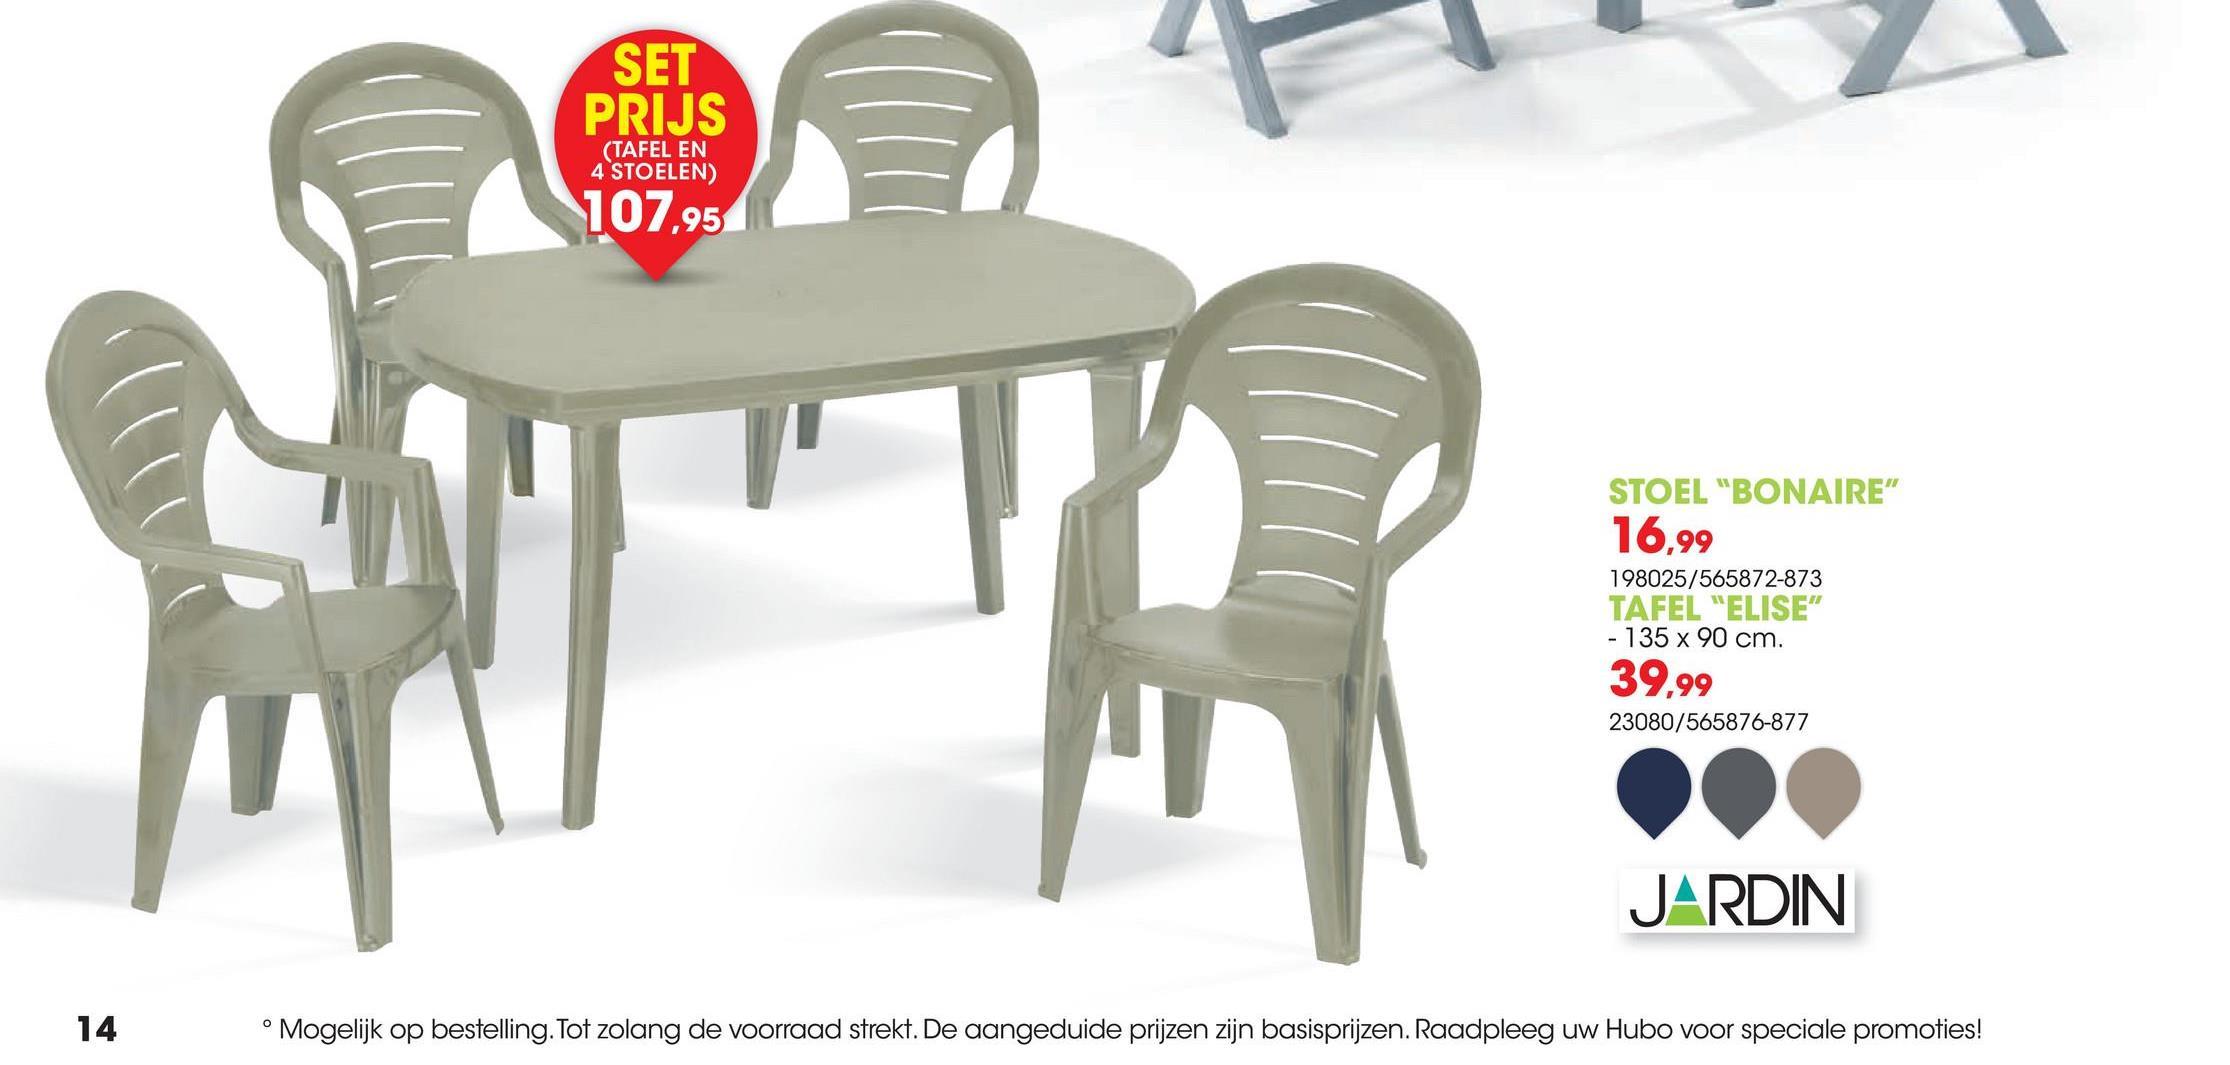 Tuinstoel Bonaire blauw De hoge stapelstoel Bonaire in blauw van Jardin is fraai afgewerkt met hoge latten. Door de uitvoering in duurzaam en zeer onderhoudsvriendelijk materiaal is deze klassieker onder de tuinstoelen eenvoudig te reinigen.Voordelen:<ul><li>Weerbestendig</li><li>Onderhoudsvrij</li><li>Gemakkelijk te reinigen</li><li>Stapelbaar</li></ul>